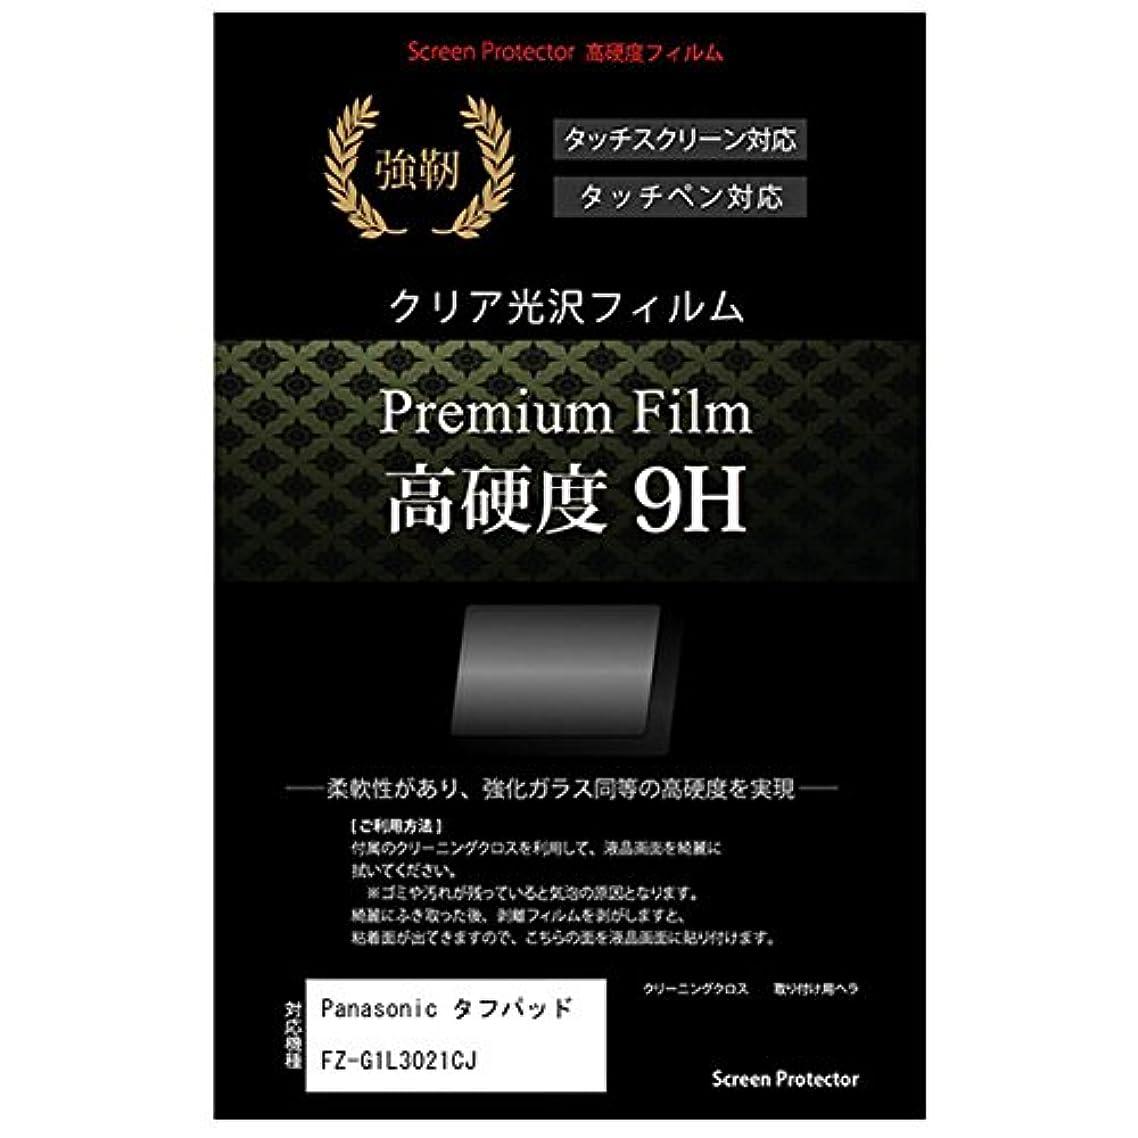 綺麗な倍率報復メディアカバーマーケット Panasonic タフパッド FZ-G1L3021CJ[10.1型(1920×1200)]機種用 【強化ガラス同等 高硬度9H 液晶保護フィルム】傷に強い 高透過率 クリア光沢